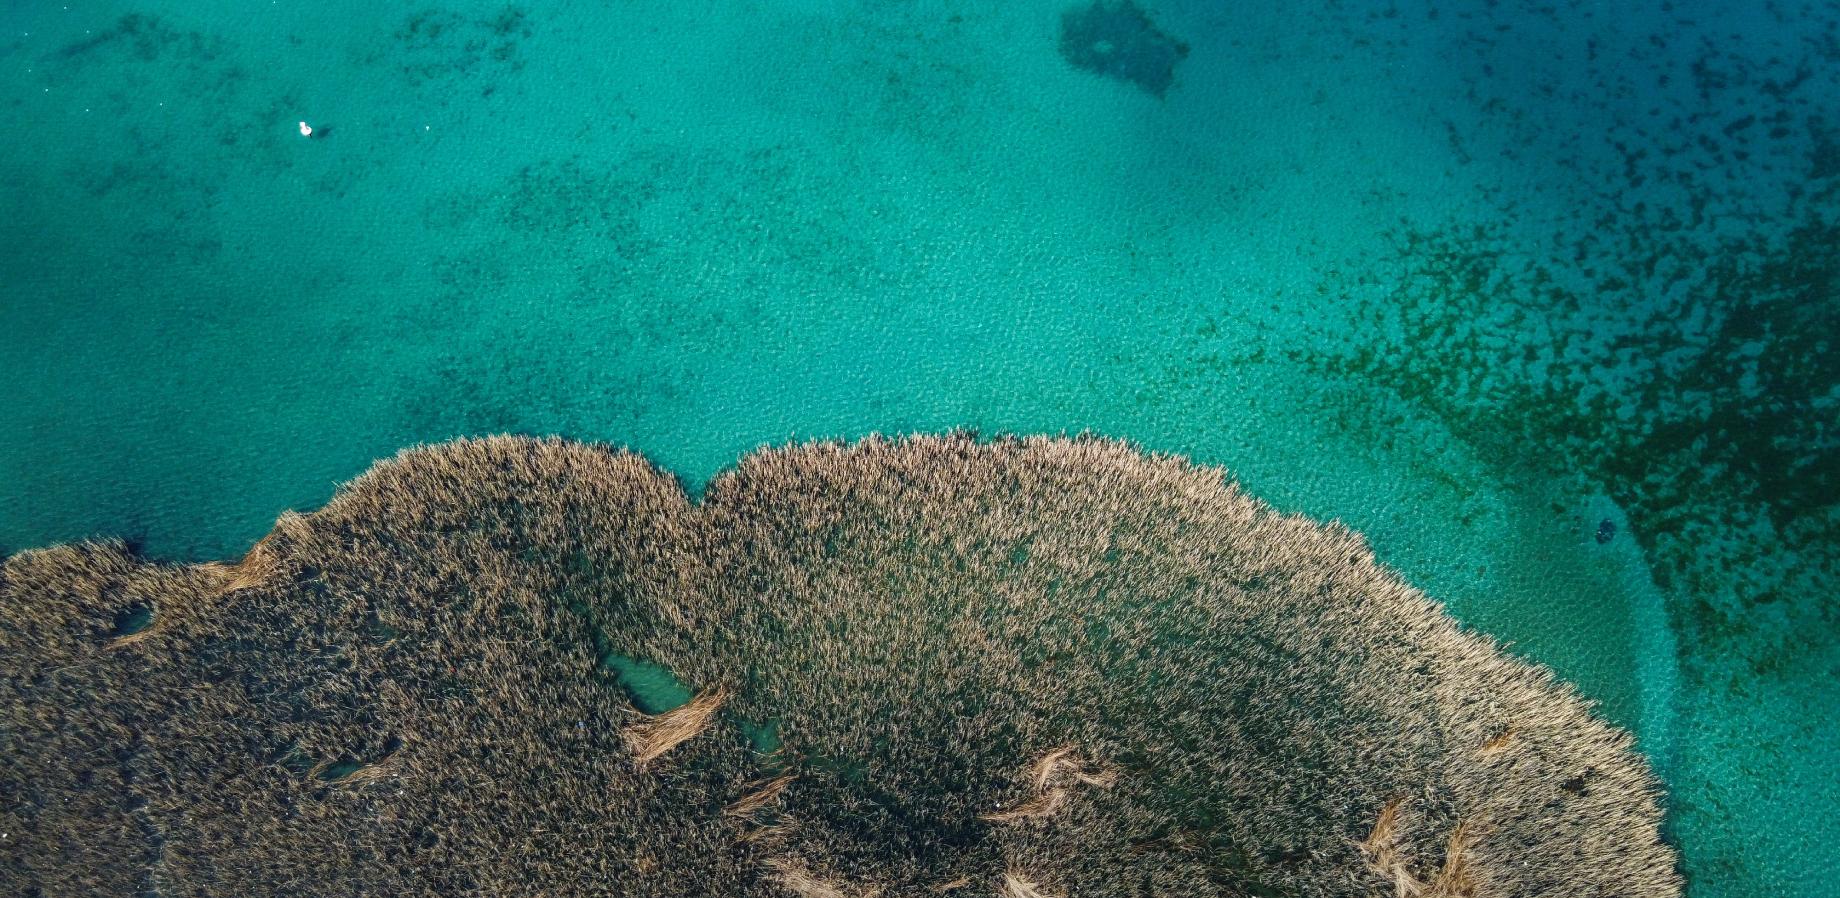 Aerial photo of Lake Ohrid Macedonia; image credit Shutterstock Ljupco Dzambazovski